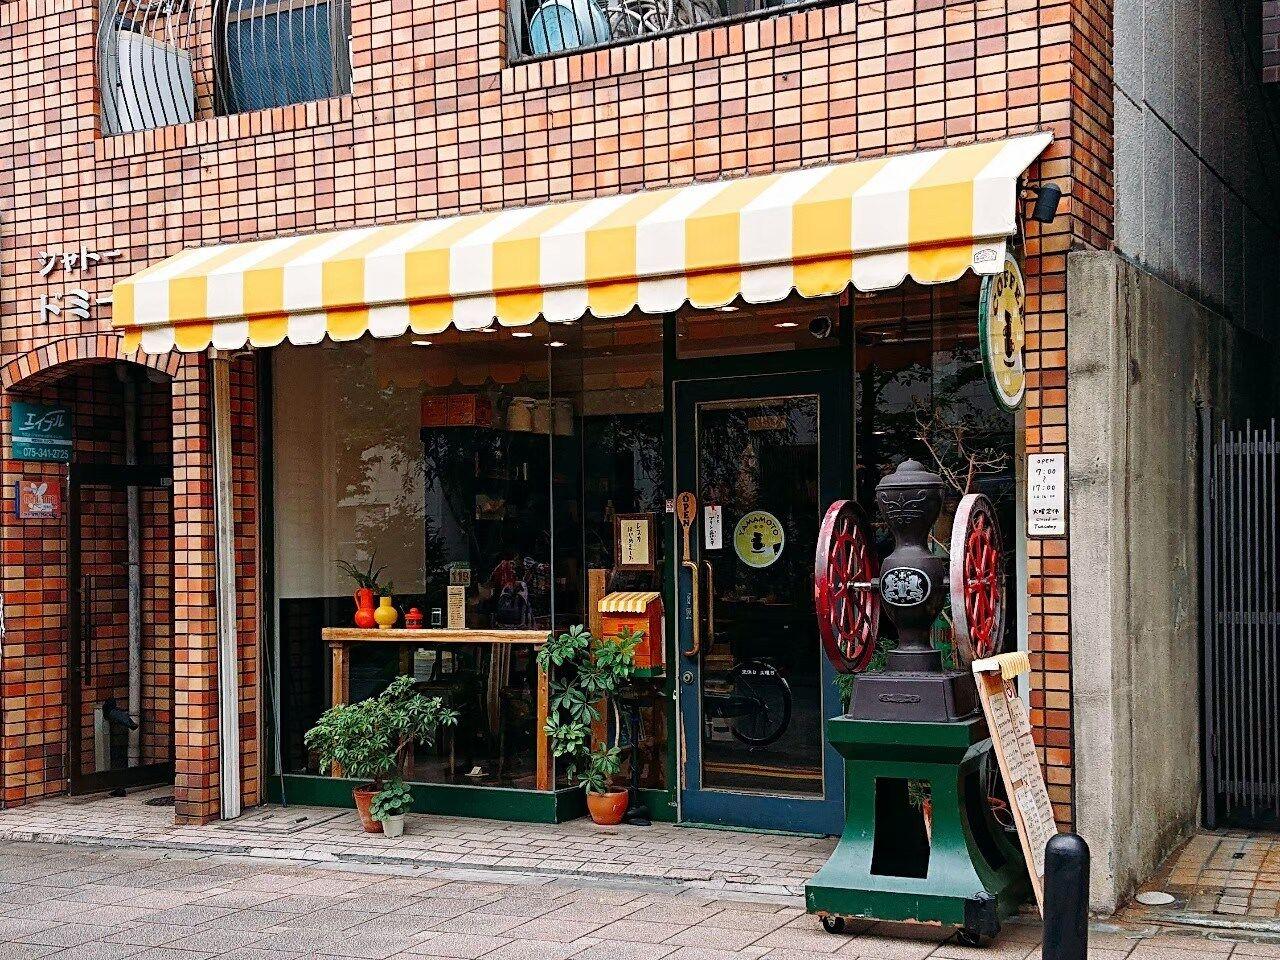 『やまもと喫茶』京都-名物「レスカ」とクリームソーダがキュート♪レトロな雰囲気の落ち着くカフェ!-